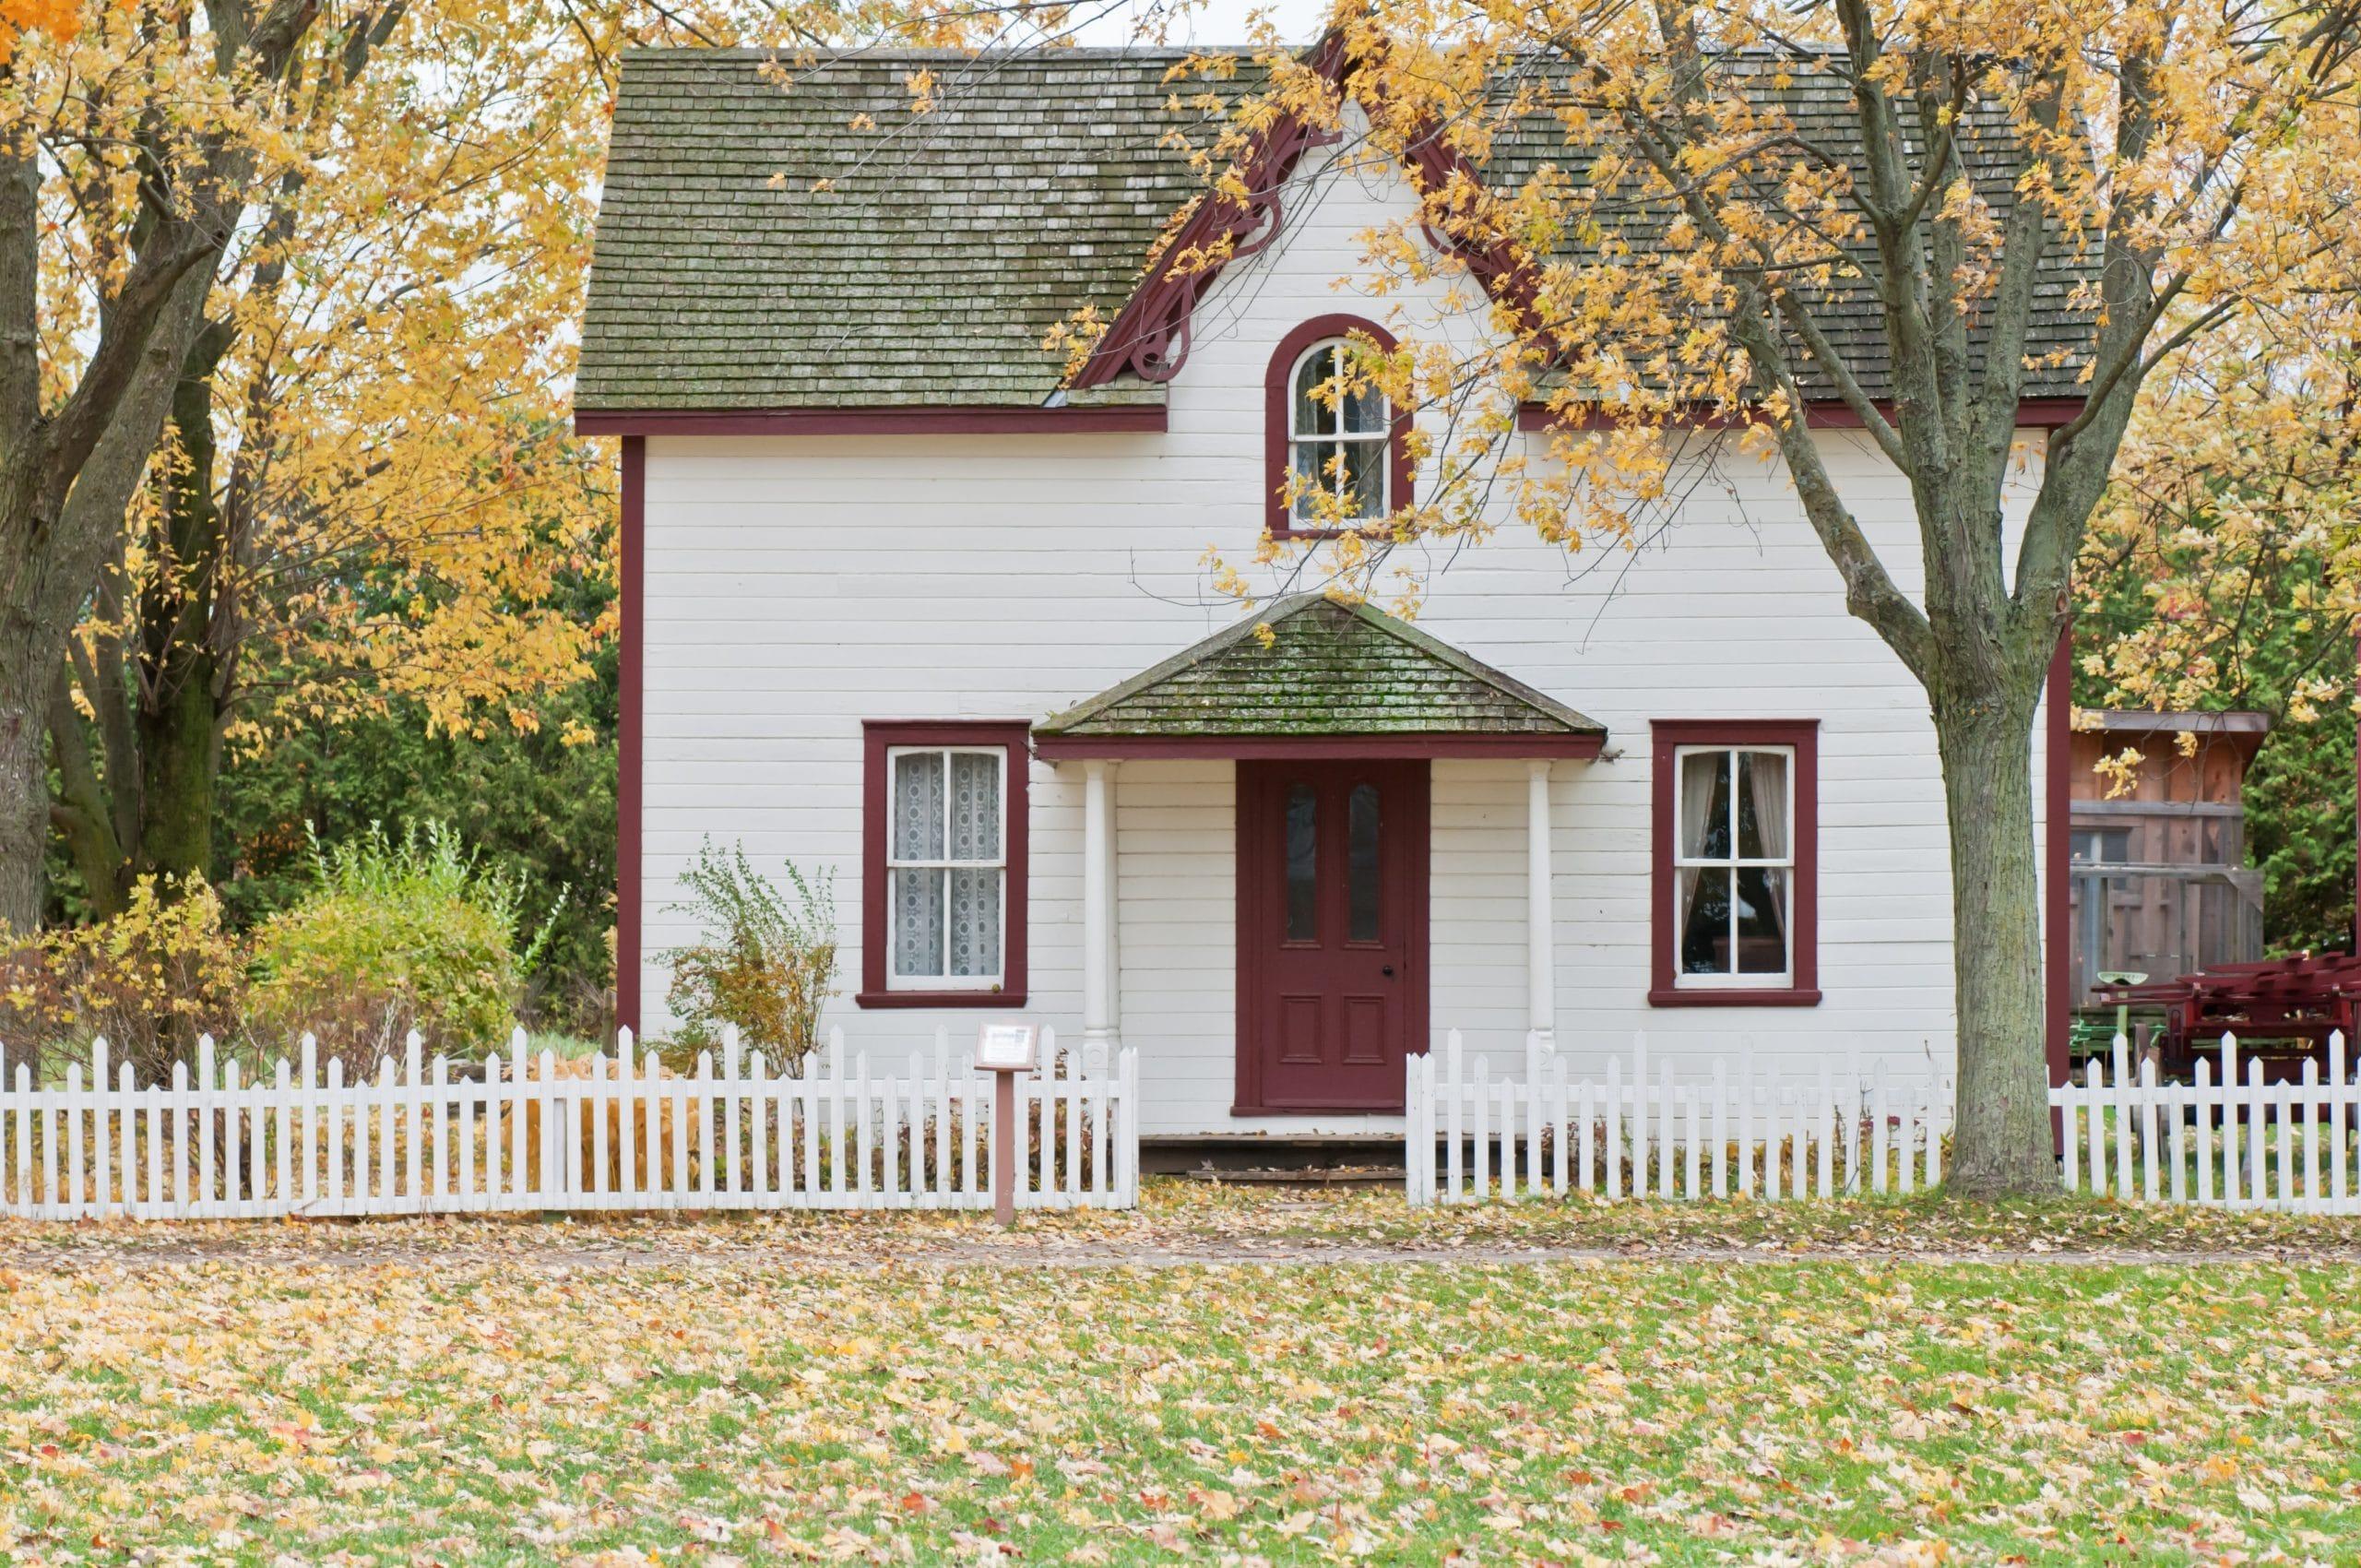 Reunificar deudas con hipoteca ¿Es buena idea?